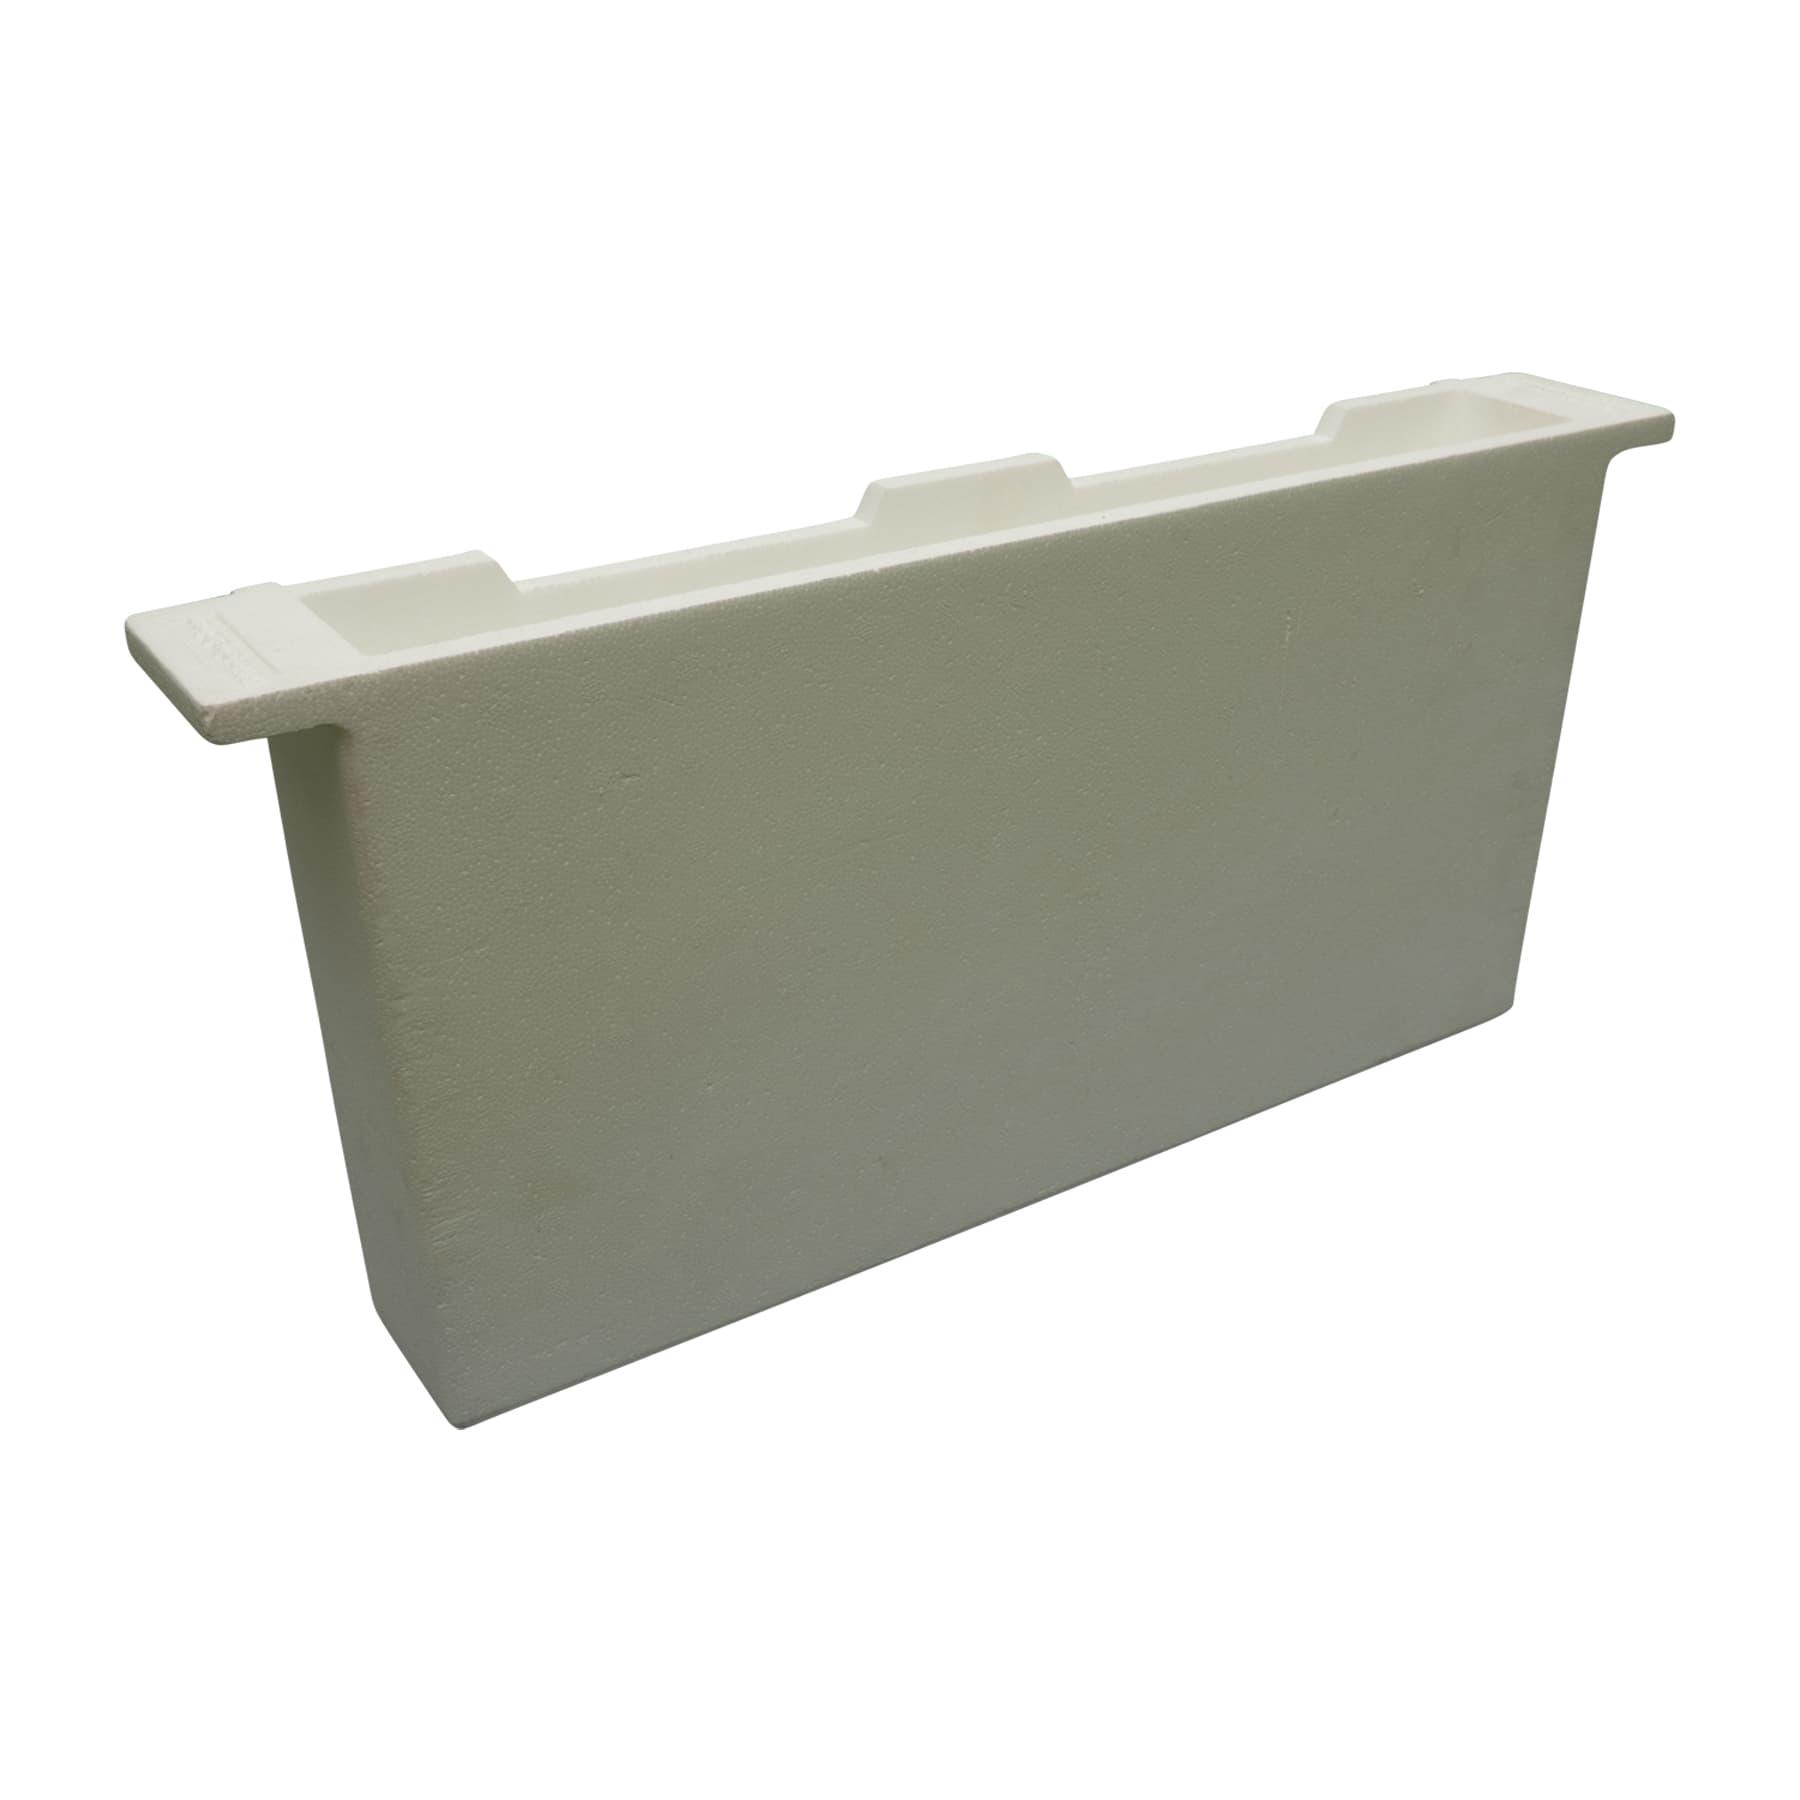 Futtertasche aus Styropor Zander 70 mm breit (entspricht 2 Rähmchen)